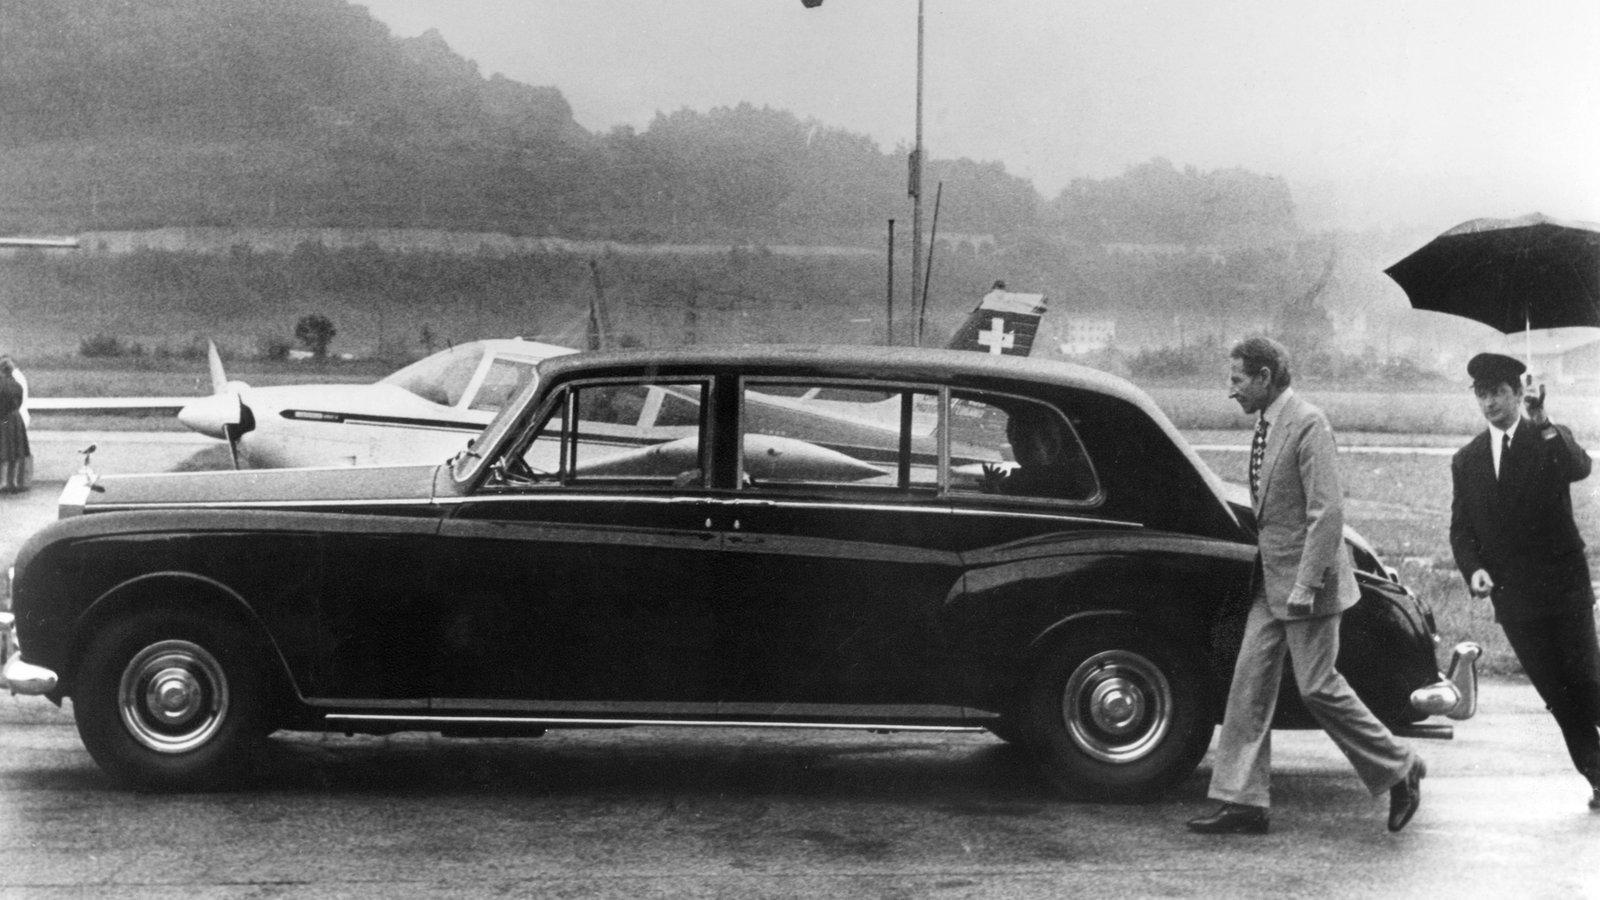 Stichtag - 30. November 1987: Kaufhaus-Unternehmer Helmut Horten stirbt